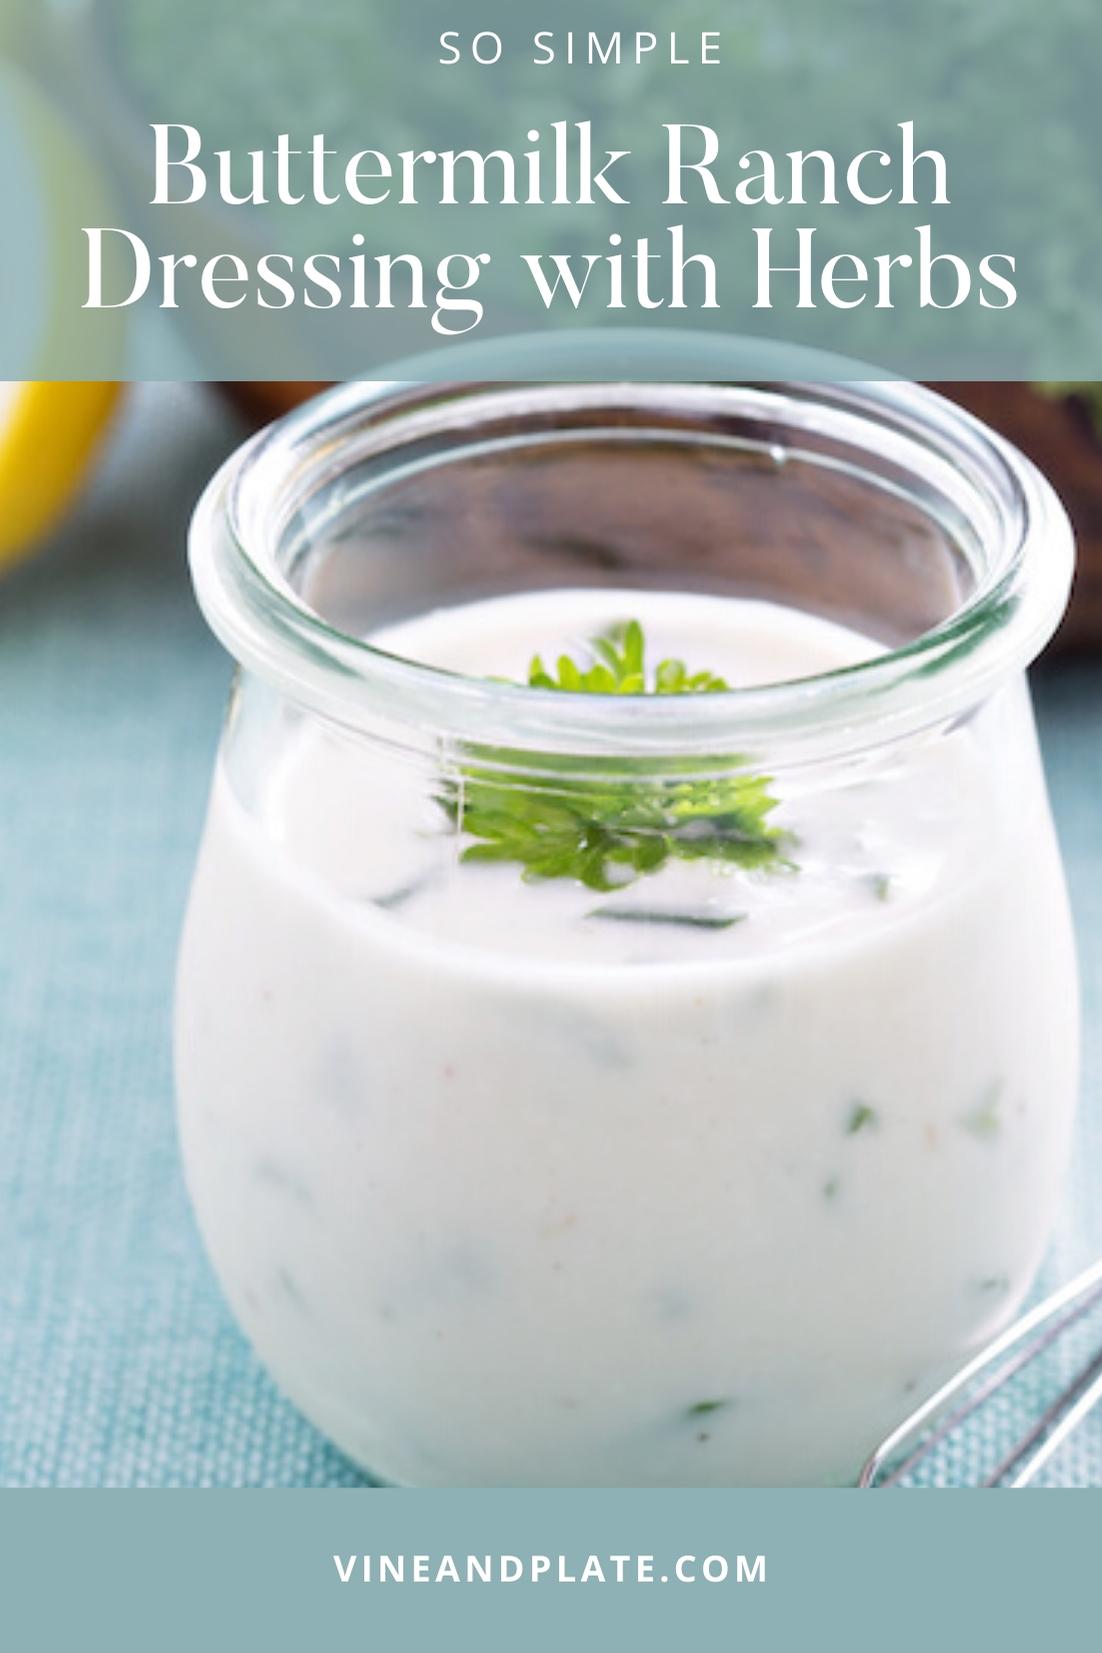 homemade buttermilk ranch dressing in a jar